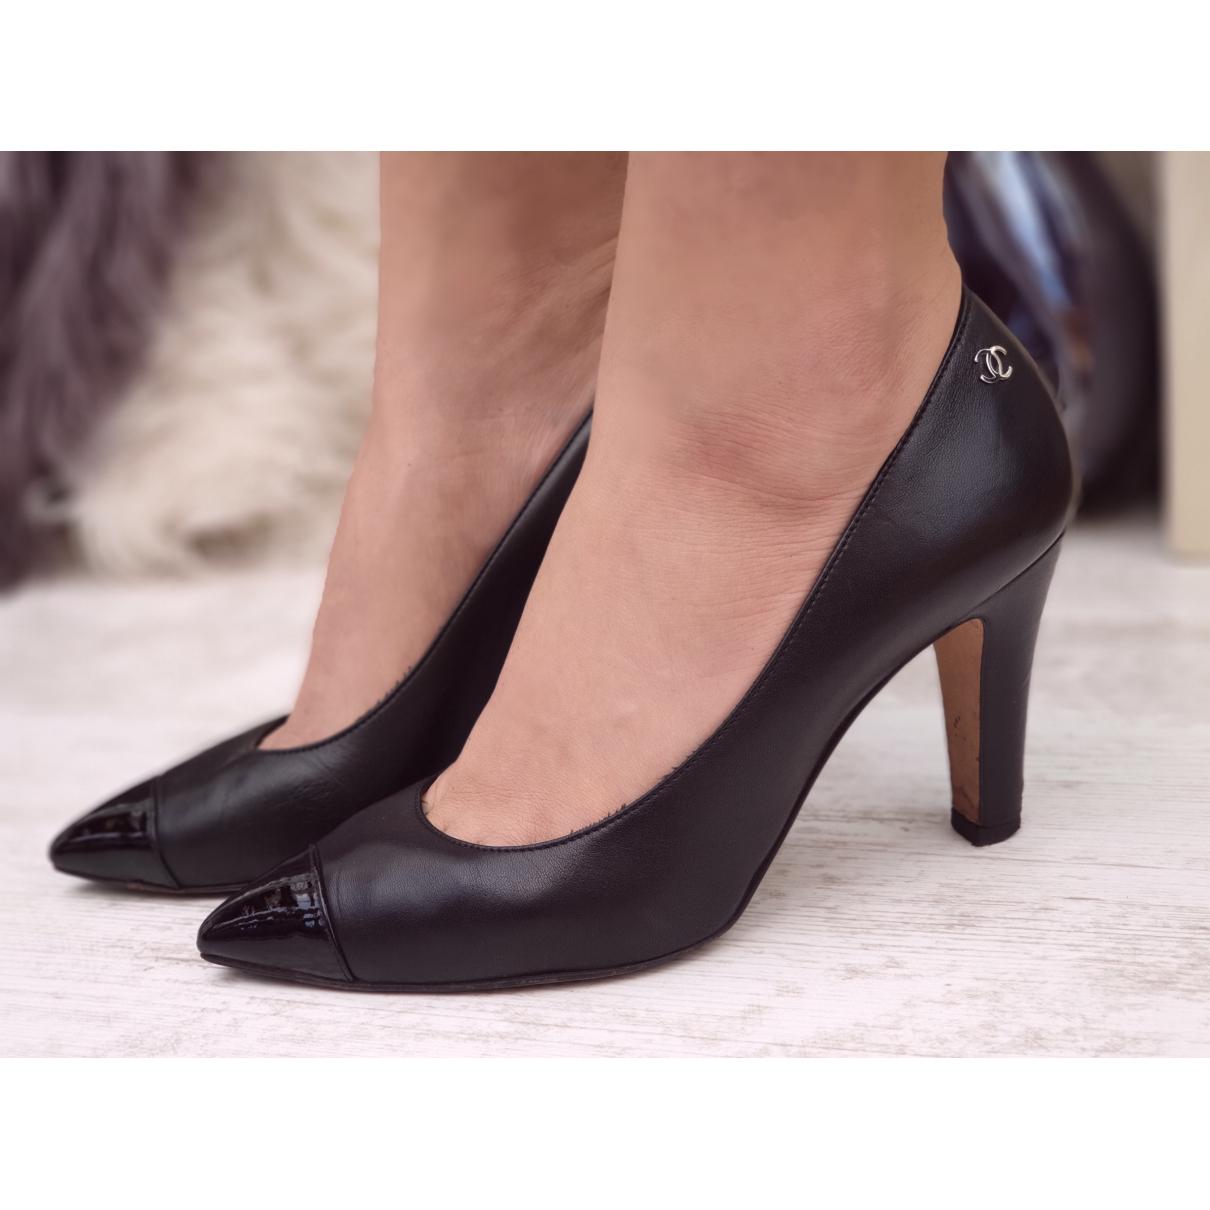 Chanel \N Black Leather Heels for Women 36 EU